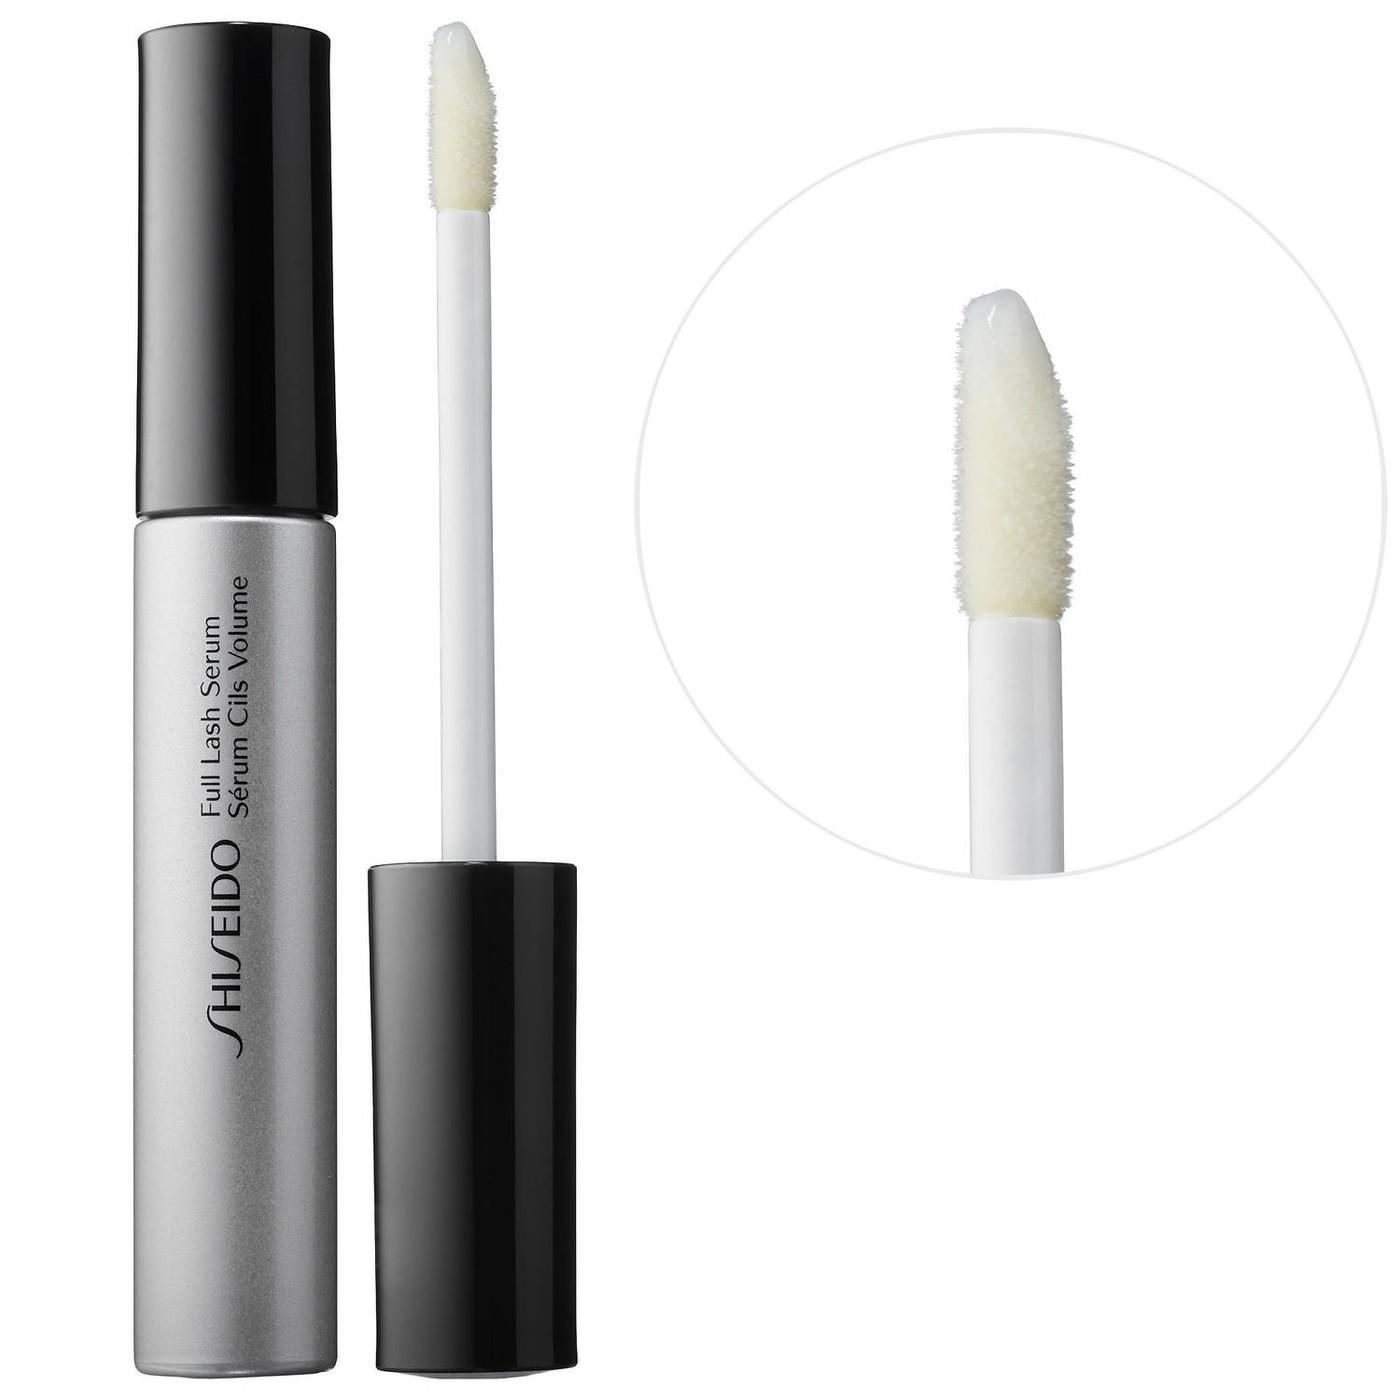 Shiseido Full Lash Volume Serum kullanıcı yorumları